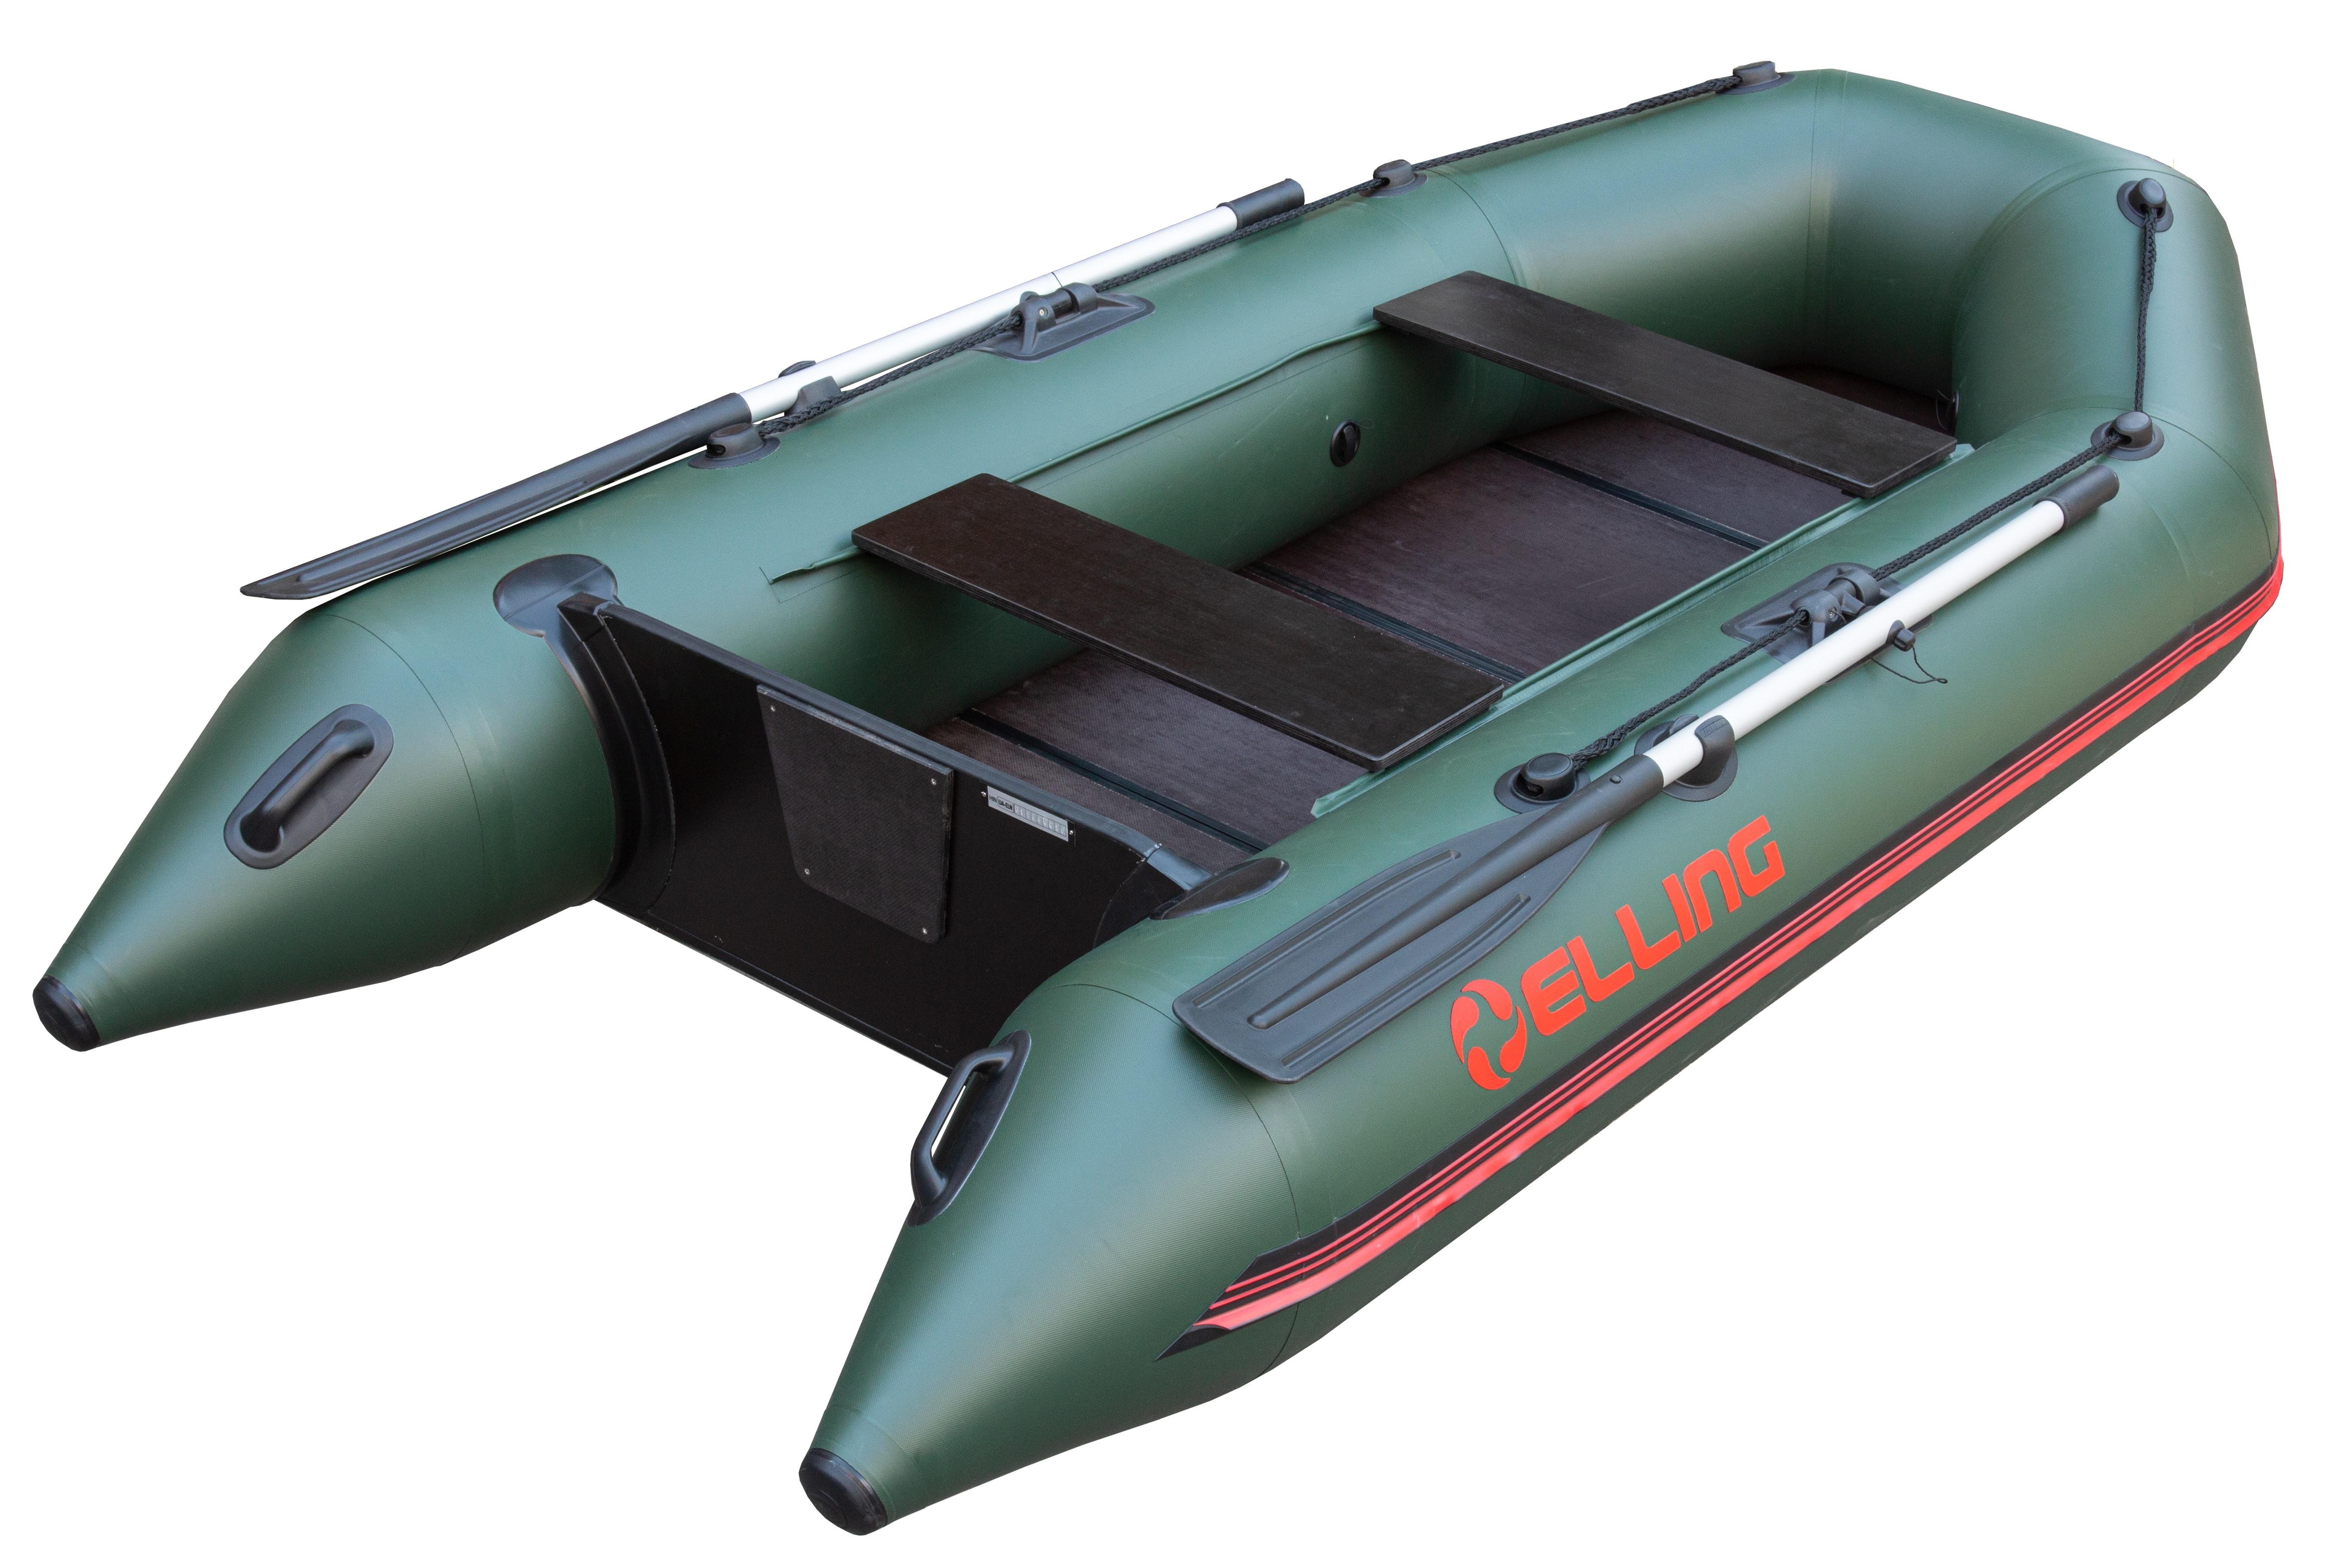 Nafukovací čluny Elling - Forsage 270 s pevnou skládací podlahou, zelený